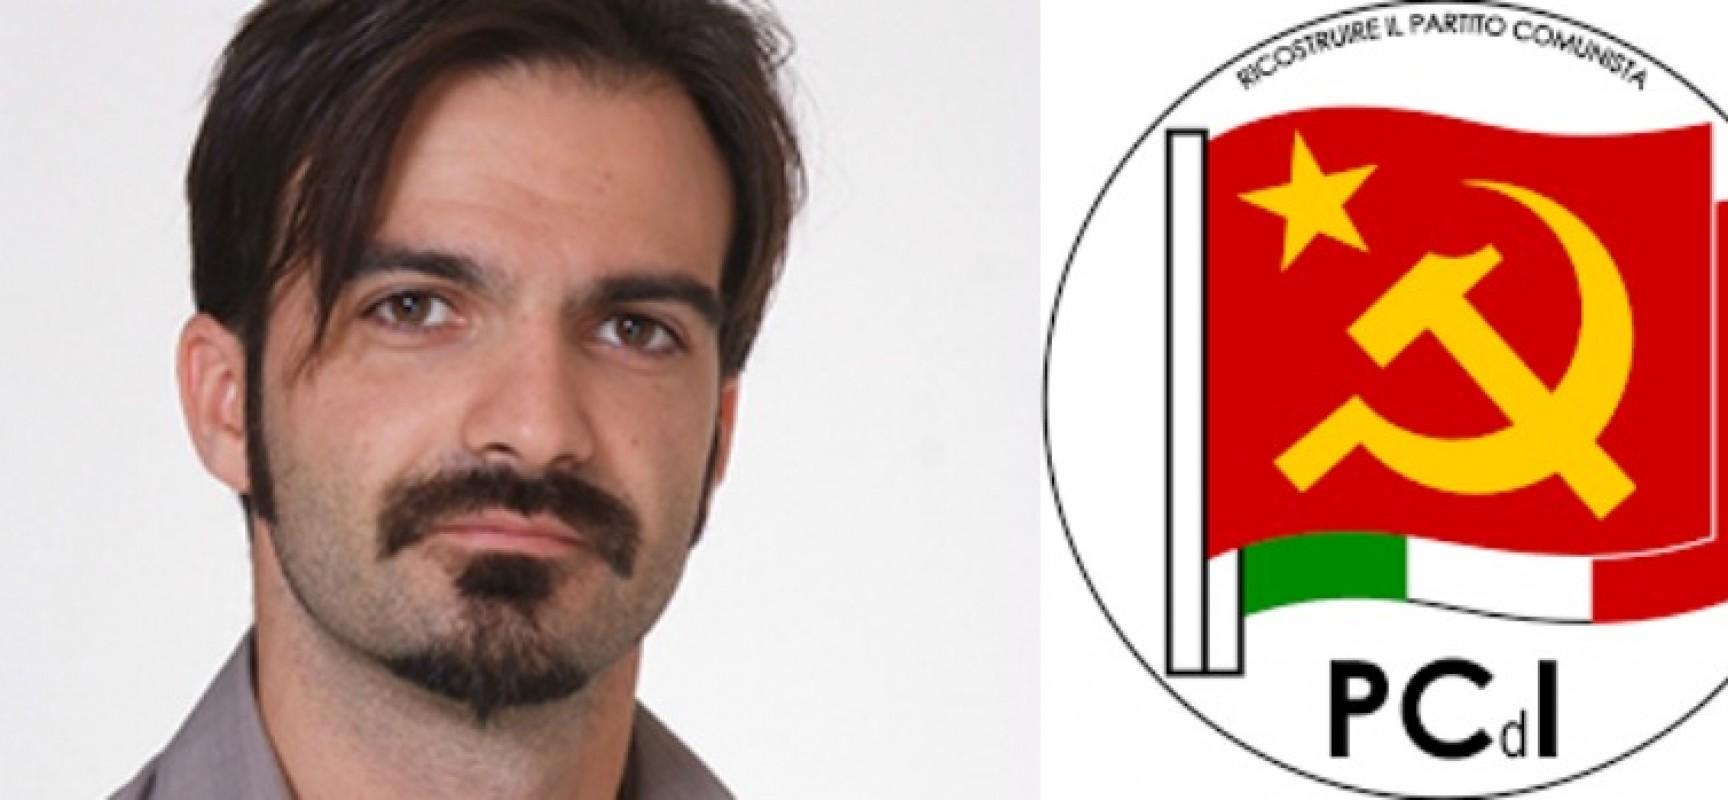 Francesco Parisi nuovo segretario cittadino del PcdI